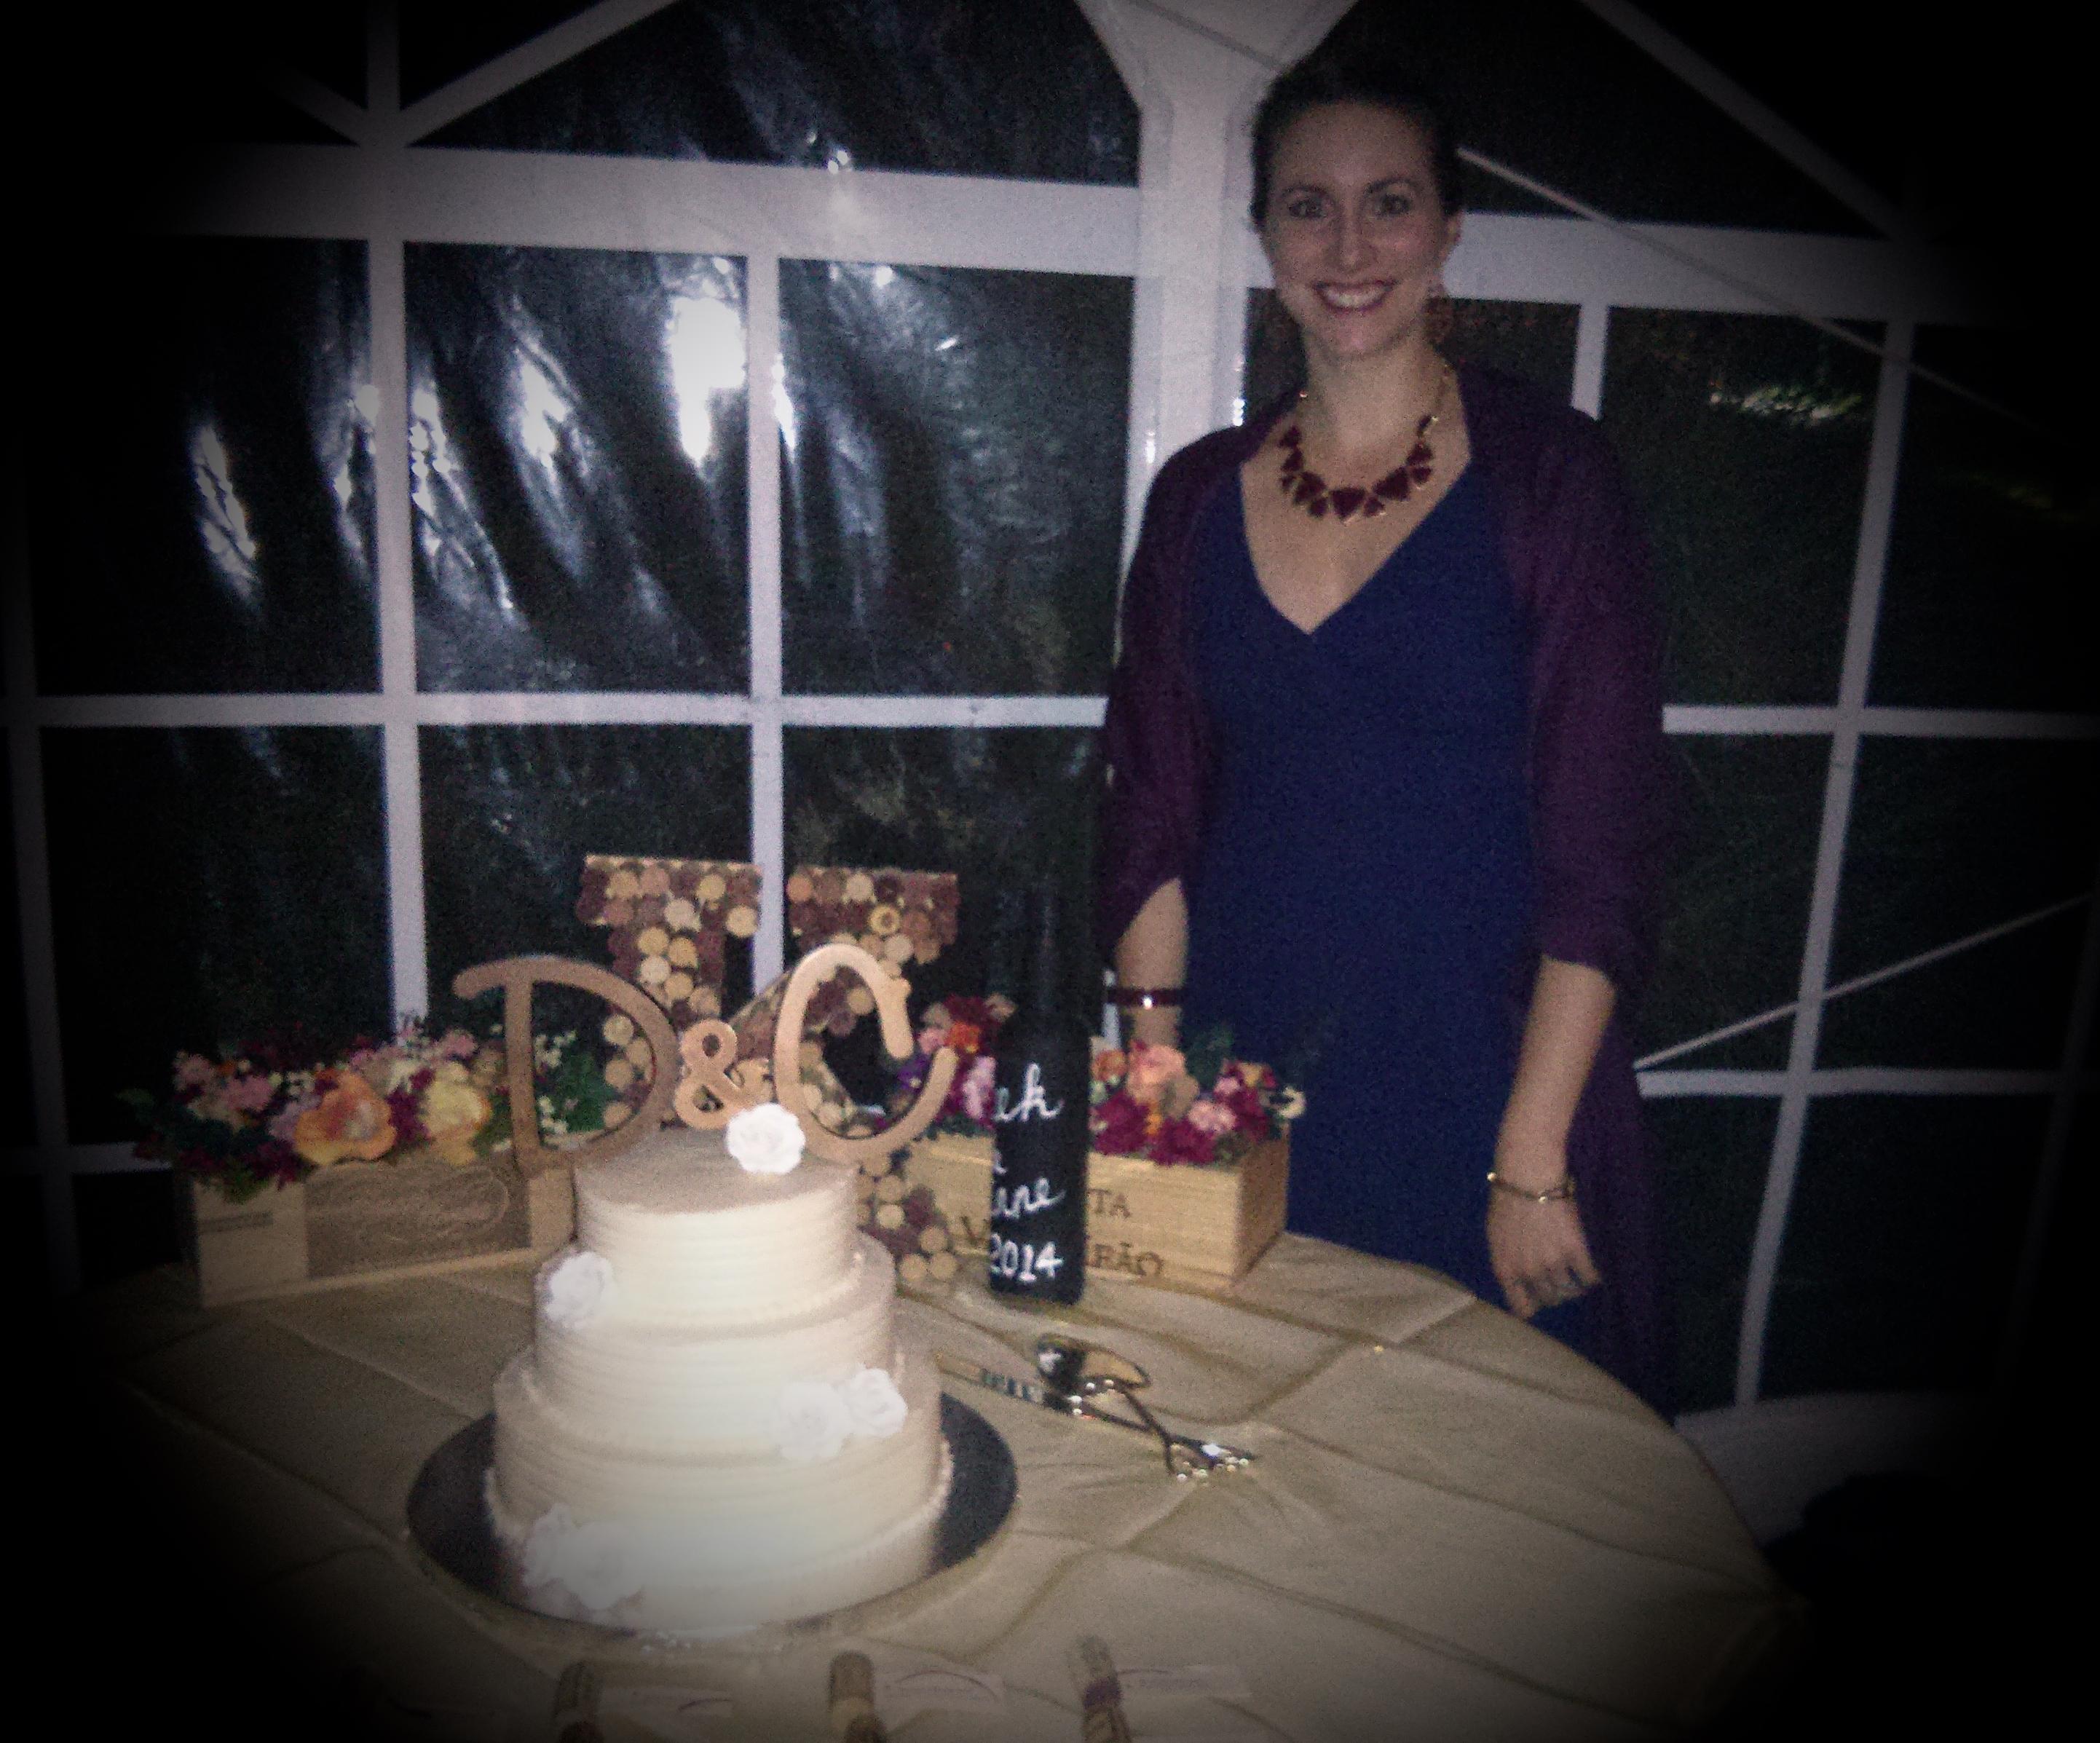 Me and Cake!